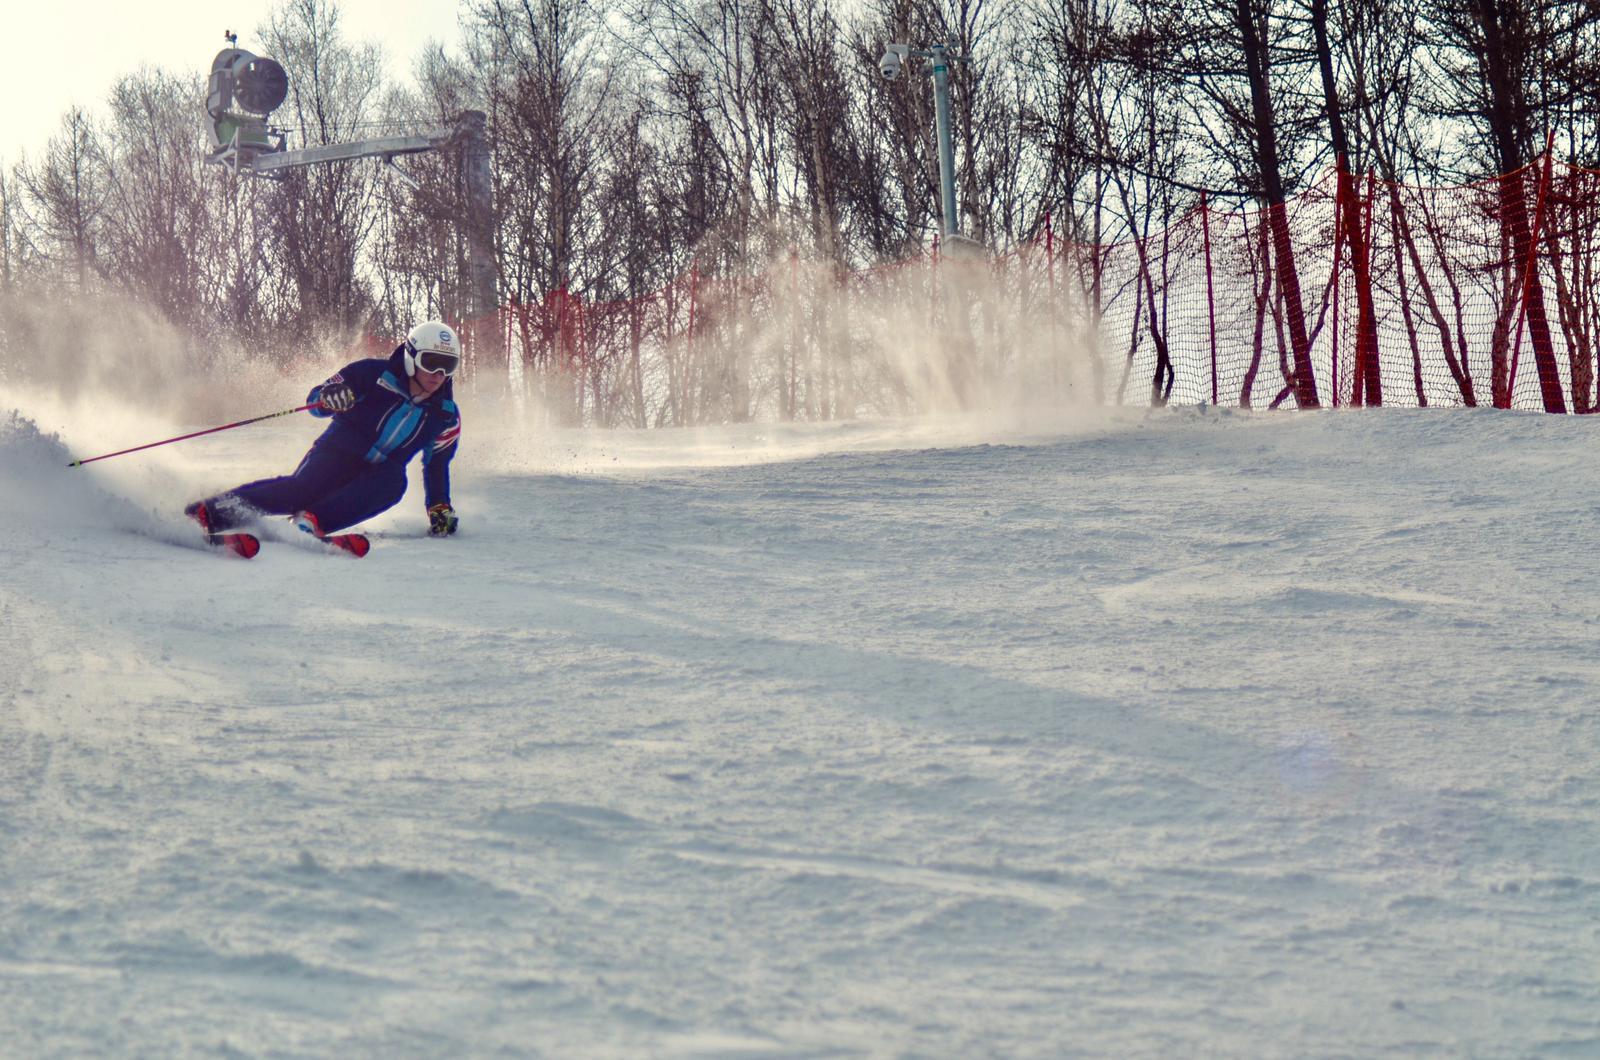 Goldwin Team GB Ski Jacket